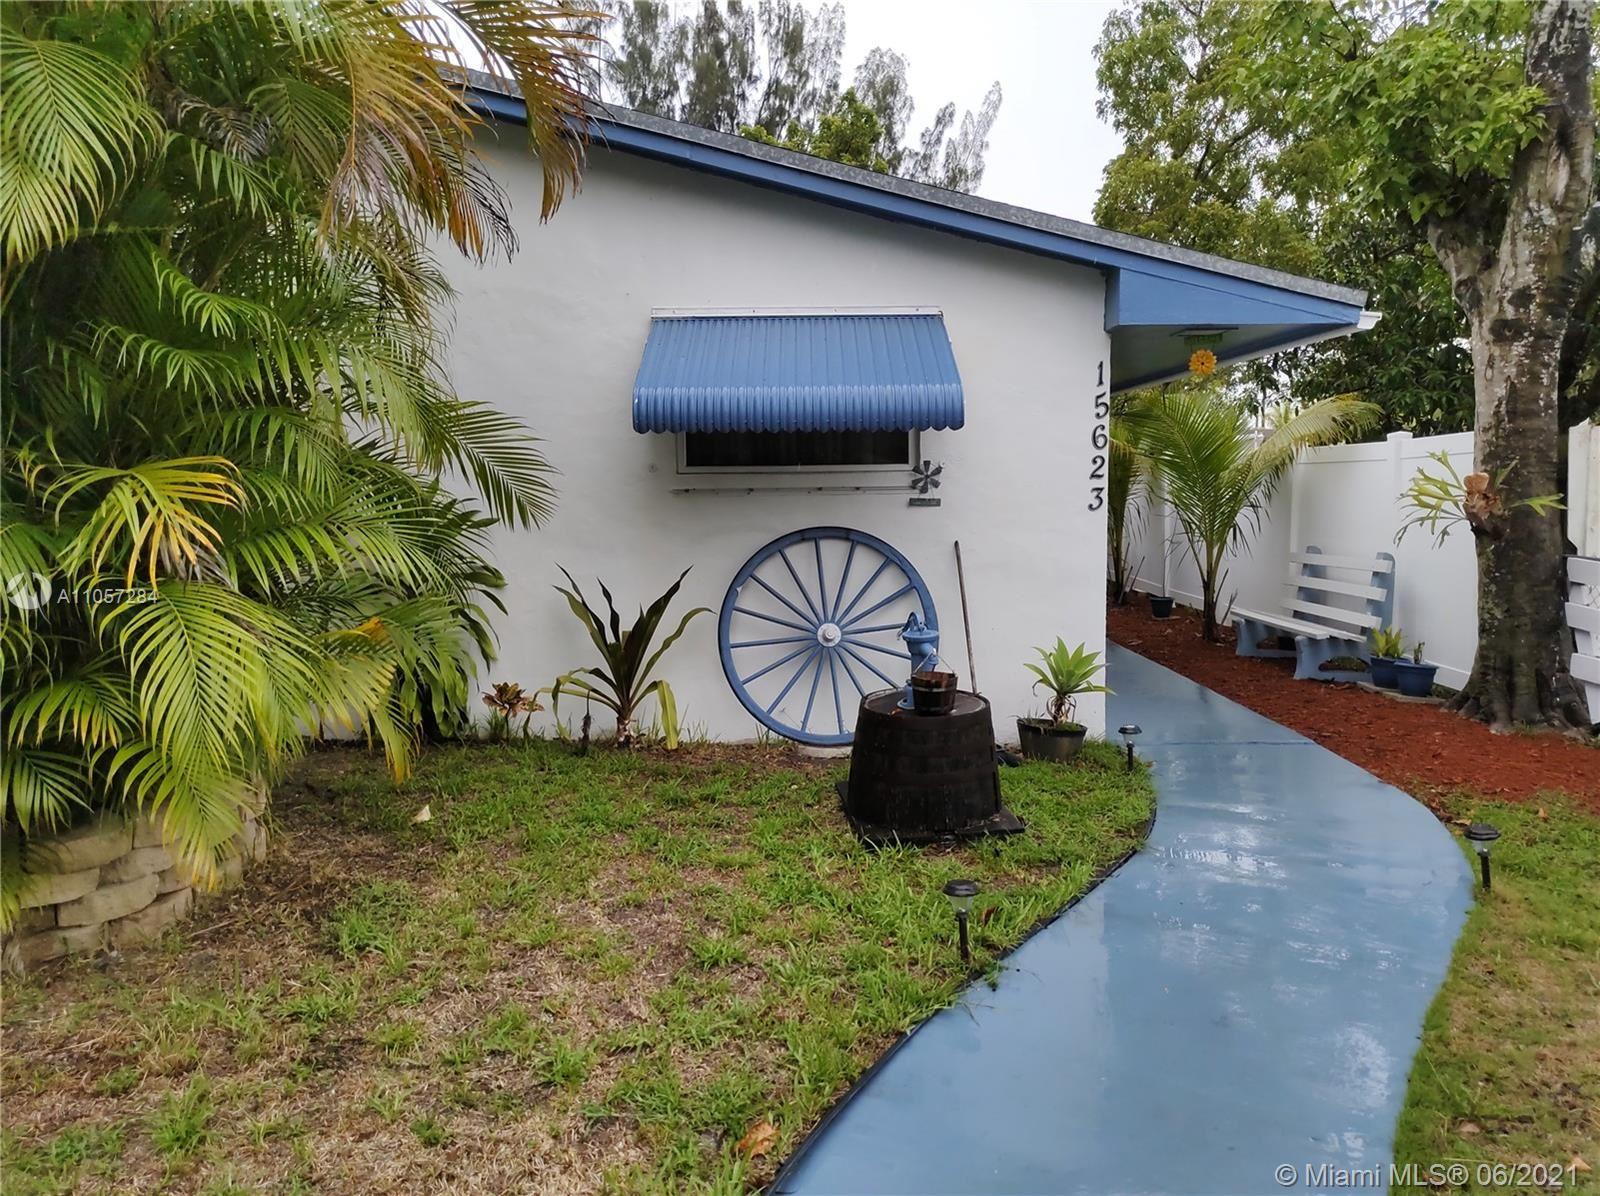 15623 NW 39th Ct, Miami Gardens, FL 33054 - #: A11057284